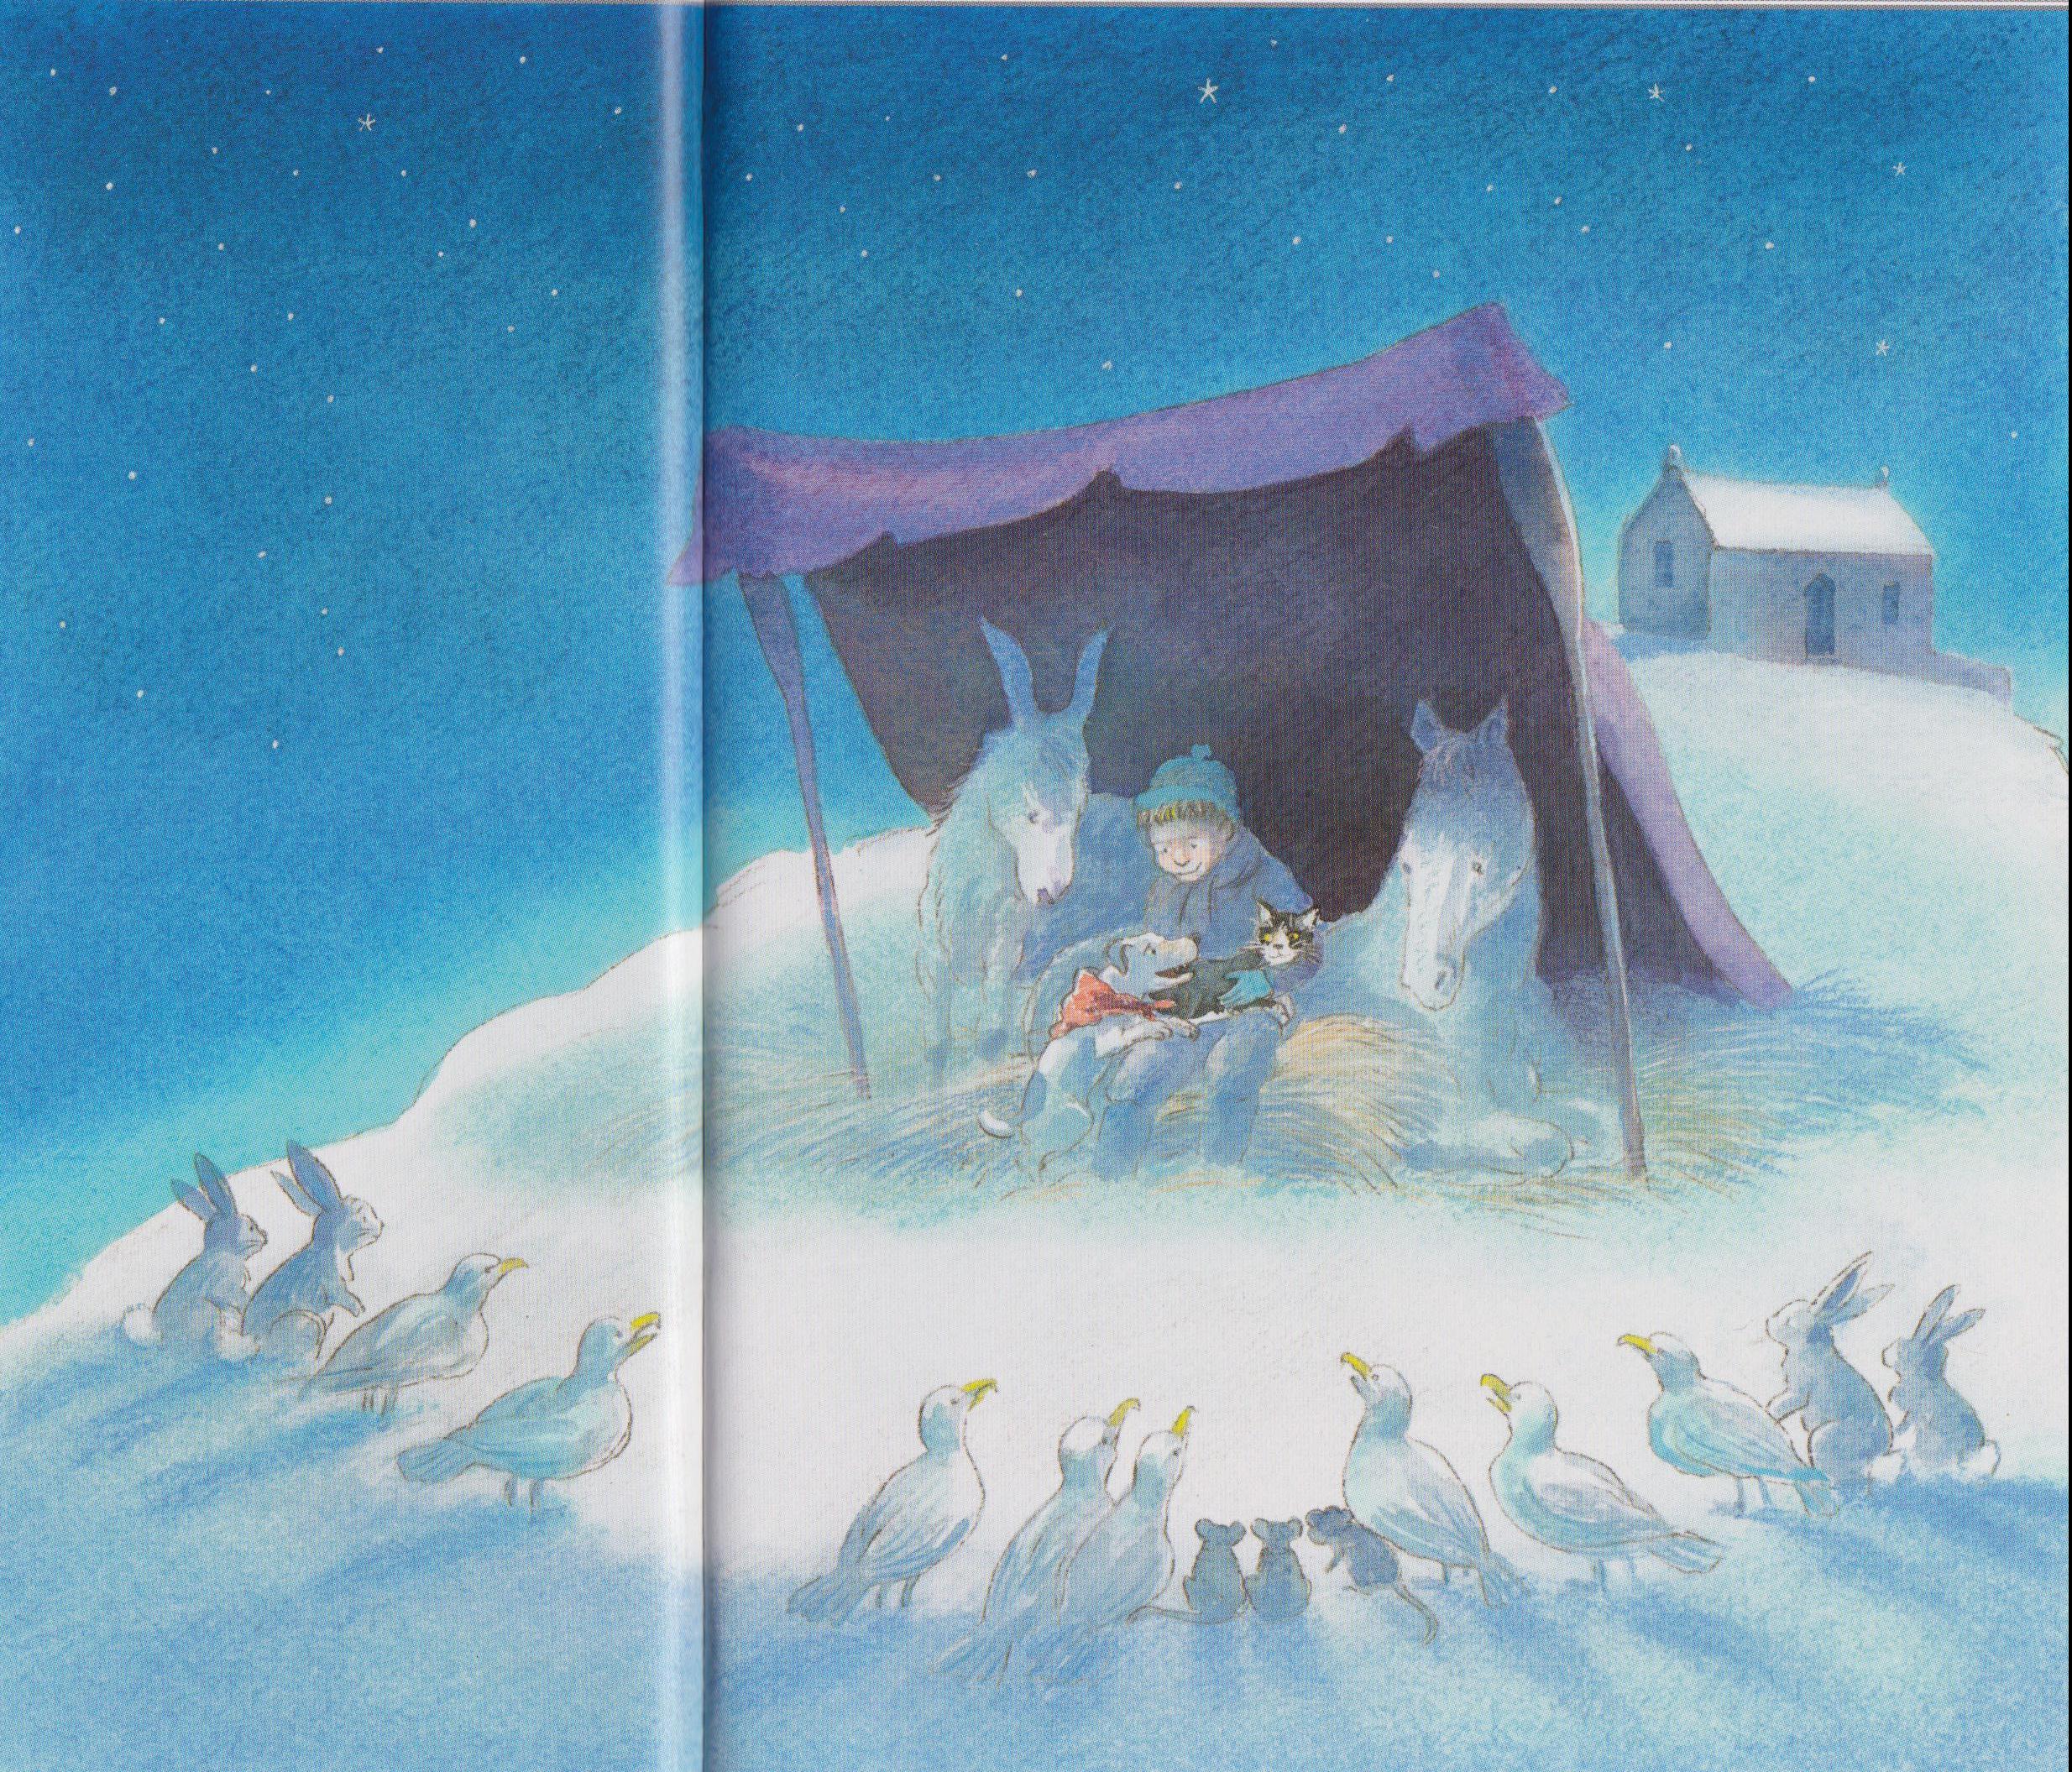 Il gatto sulla collina, di Michael Foreman - 2009, Il Castore